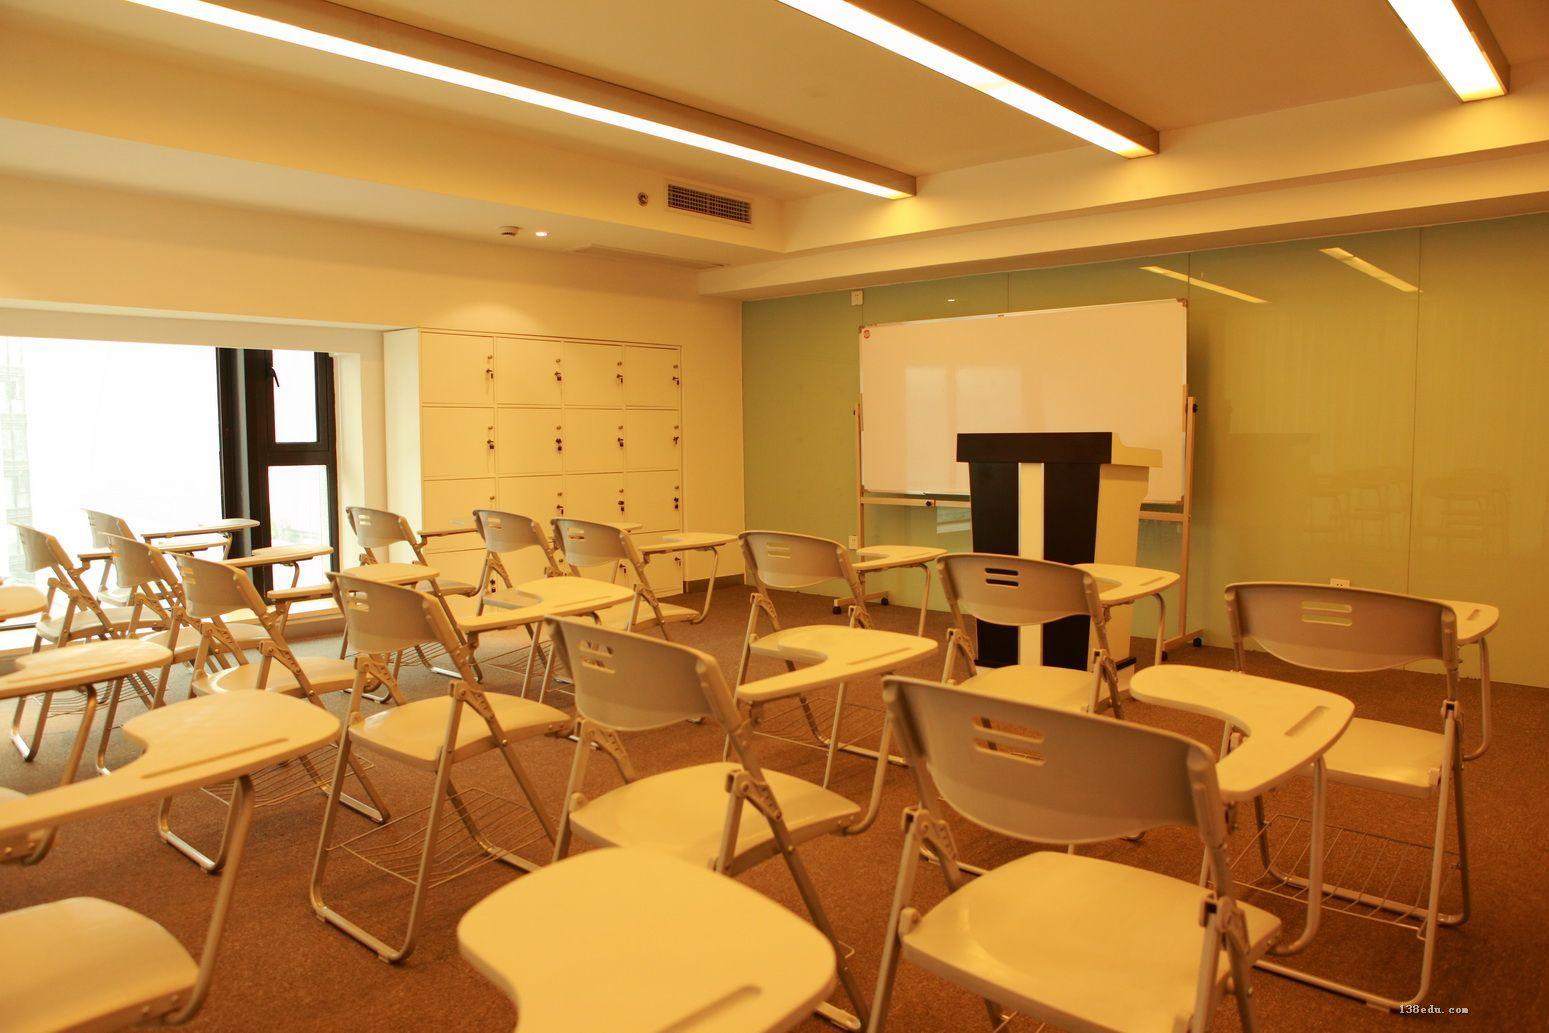 学校教室装修效果图图片大全图片 舞蹈教室装修效果图,培训